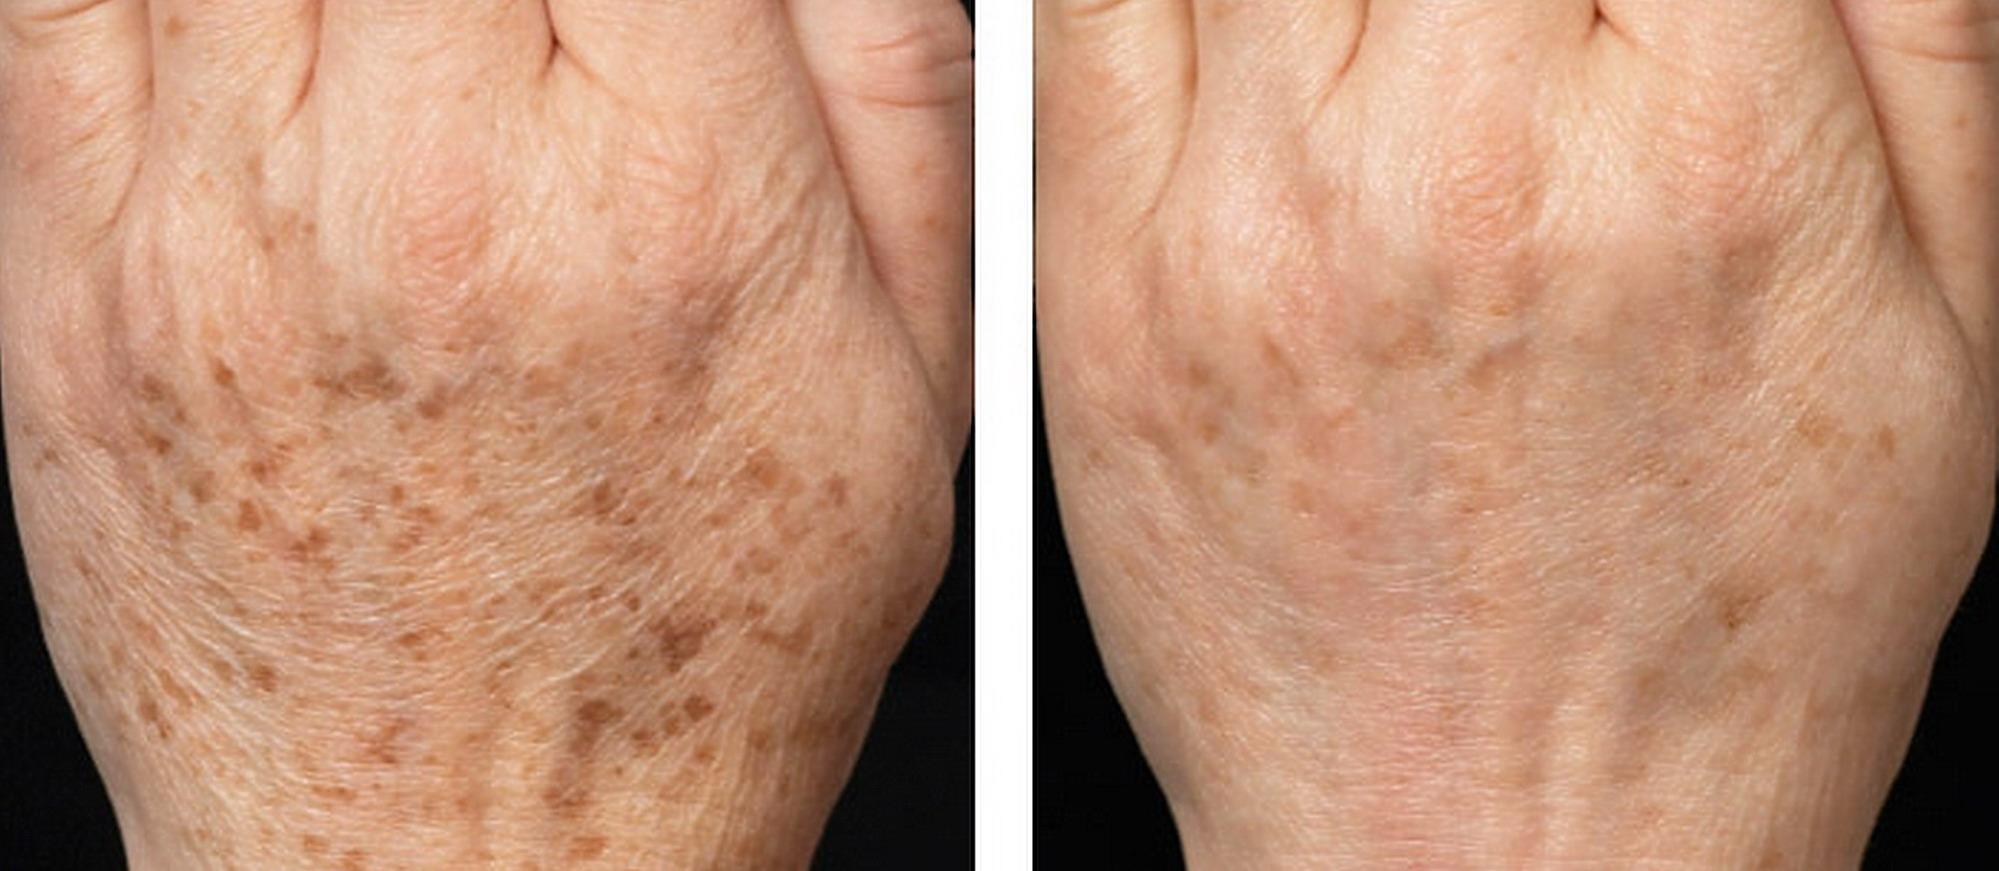 Iperpigmentazione cutanea: tutto quello che c'è da sapere